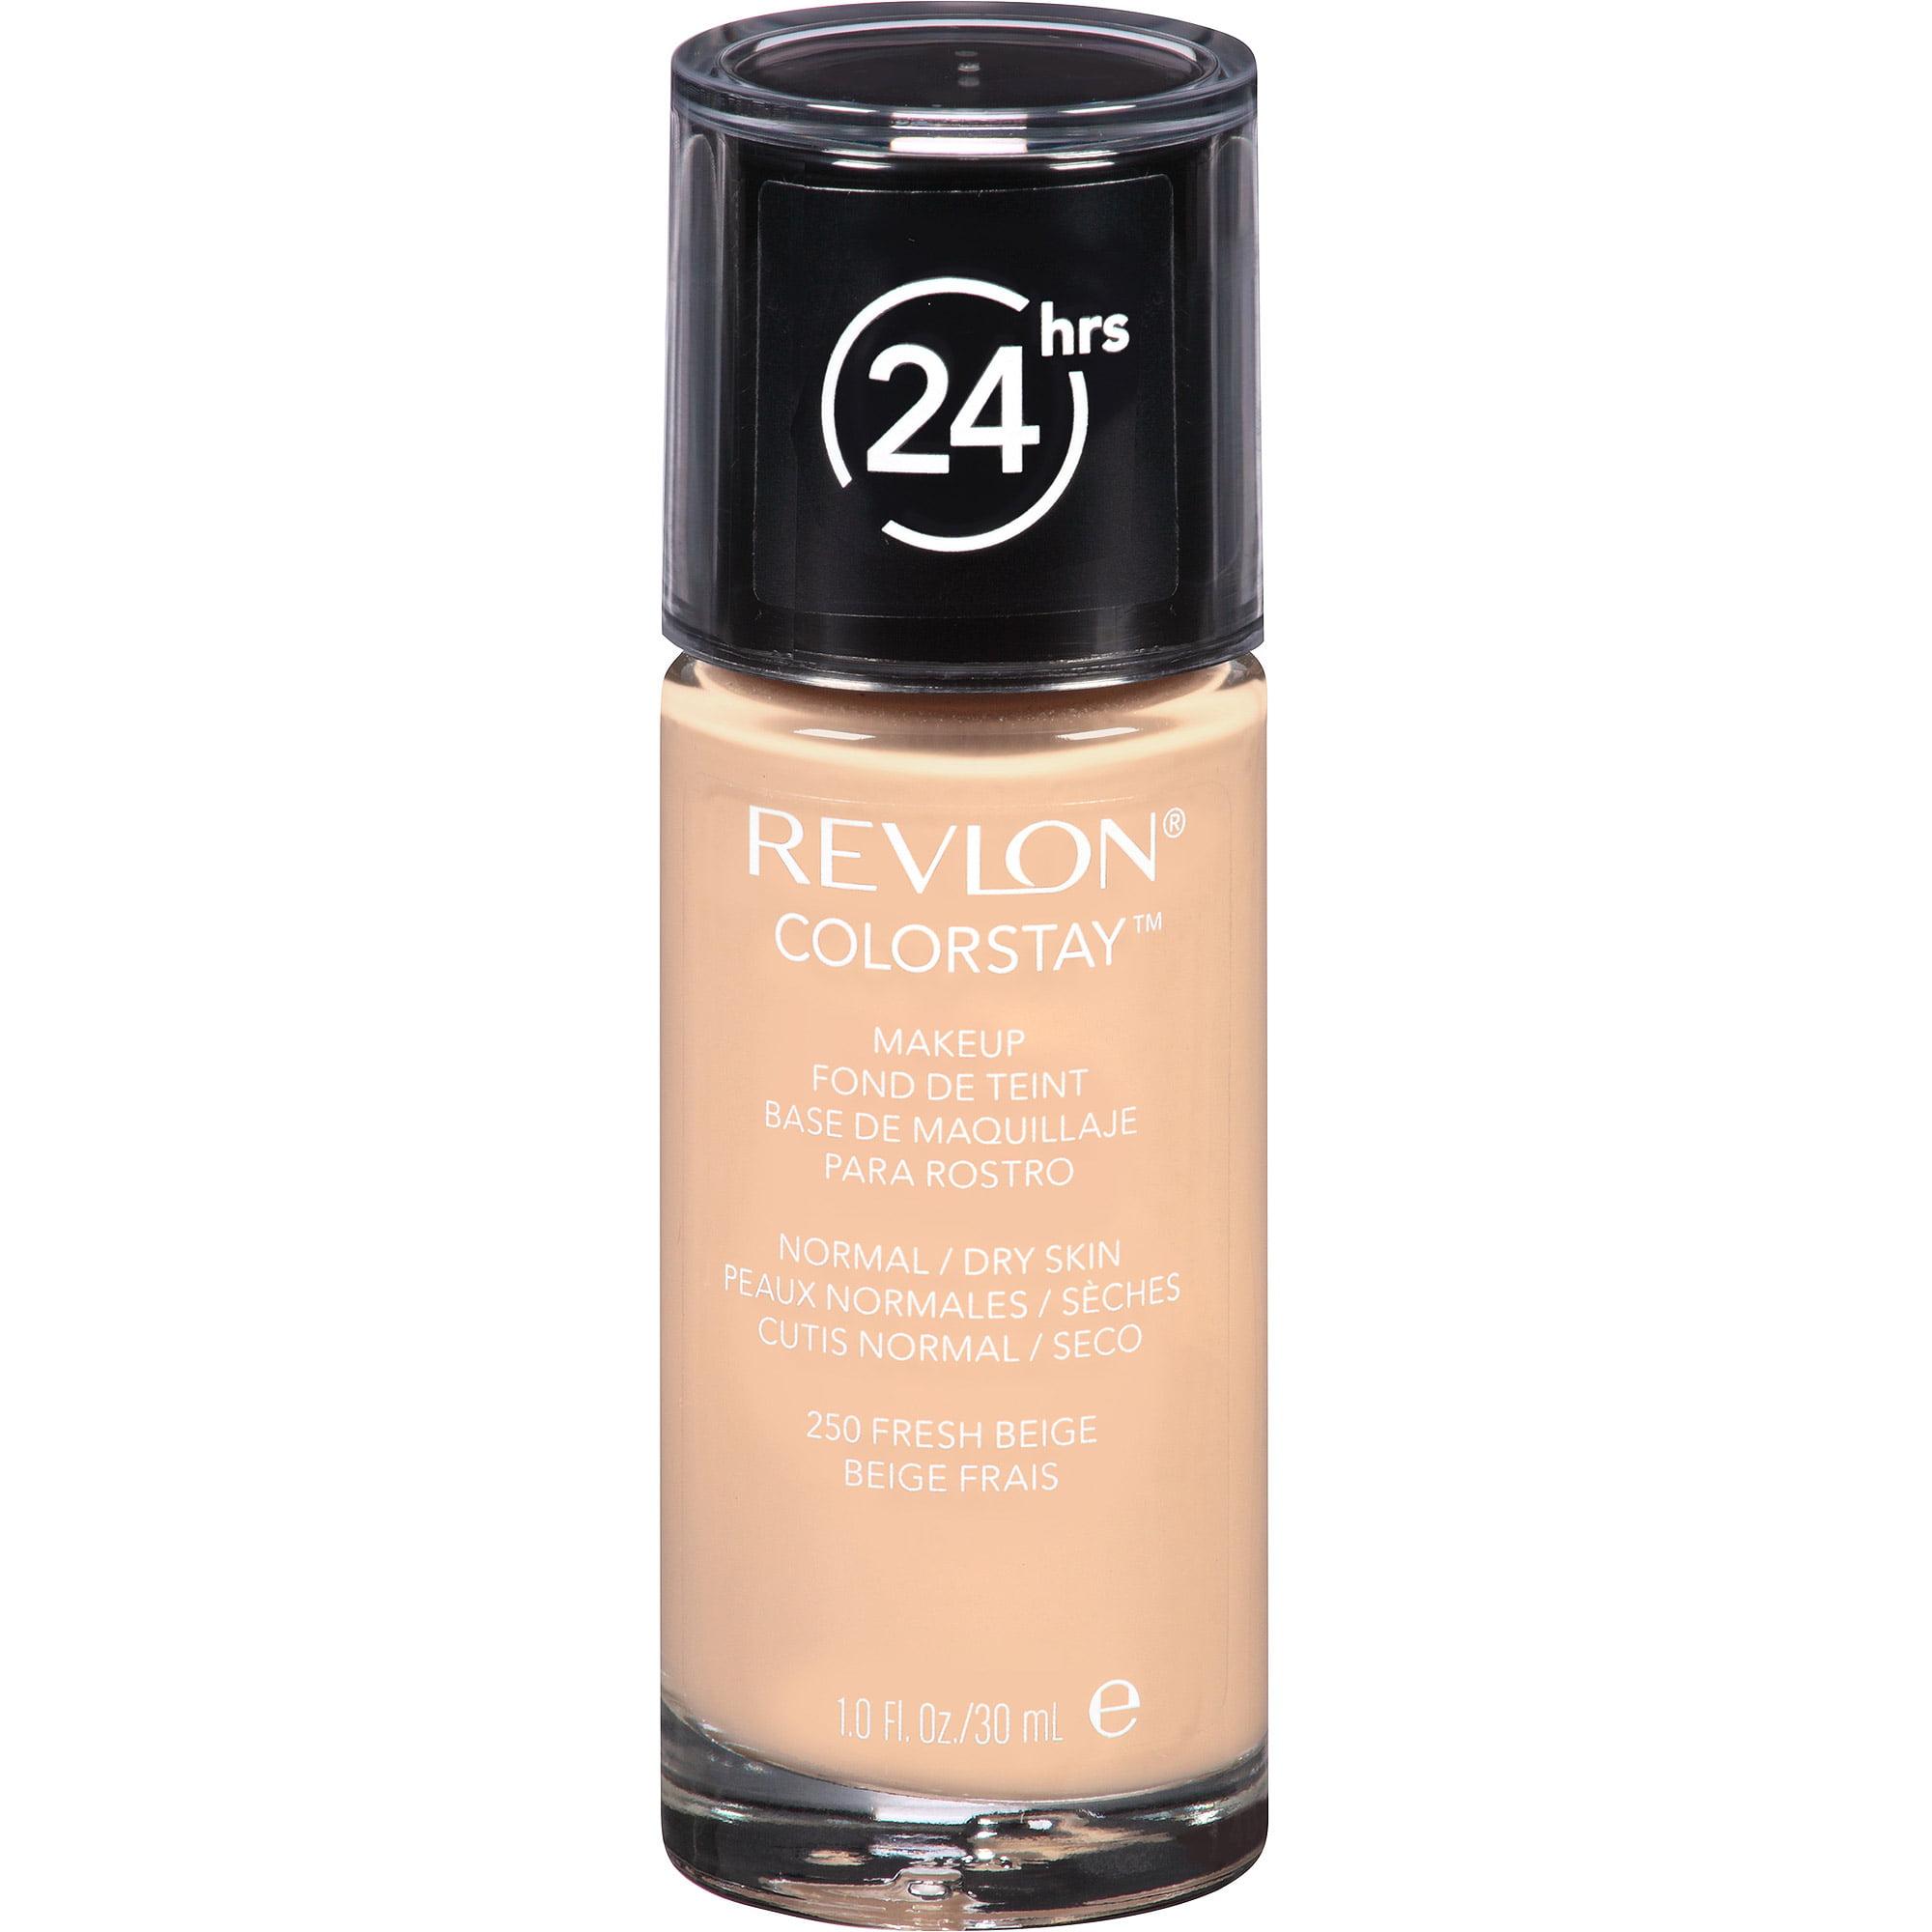 Revlon ColorStay Makeup for Normal/Dry Skin, 250 Fresh Beige, 1 fl oz